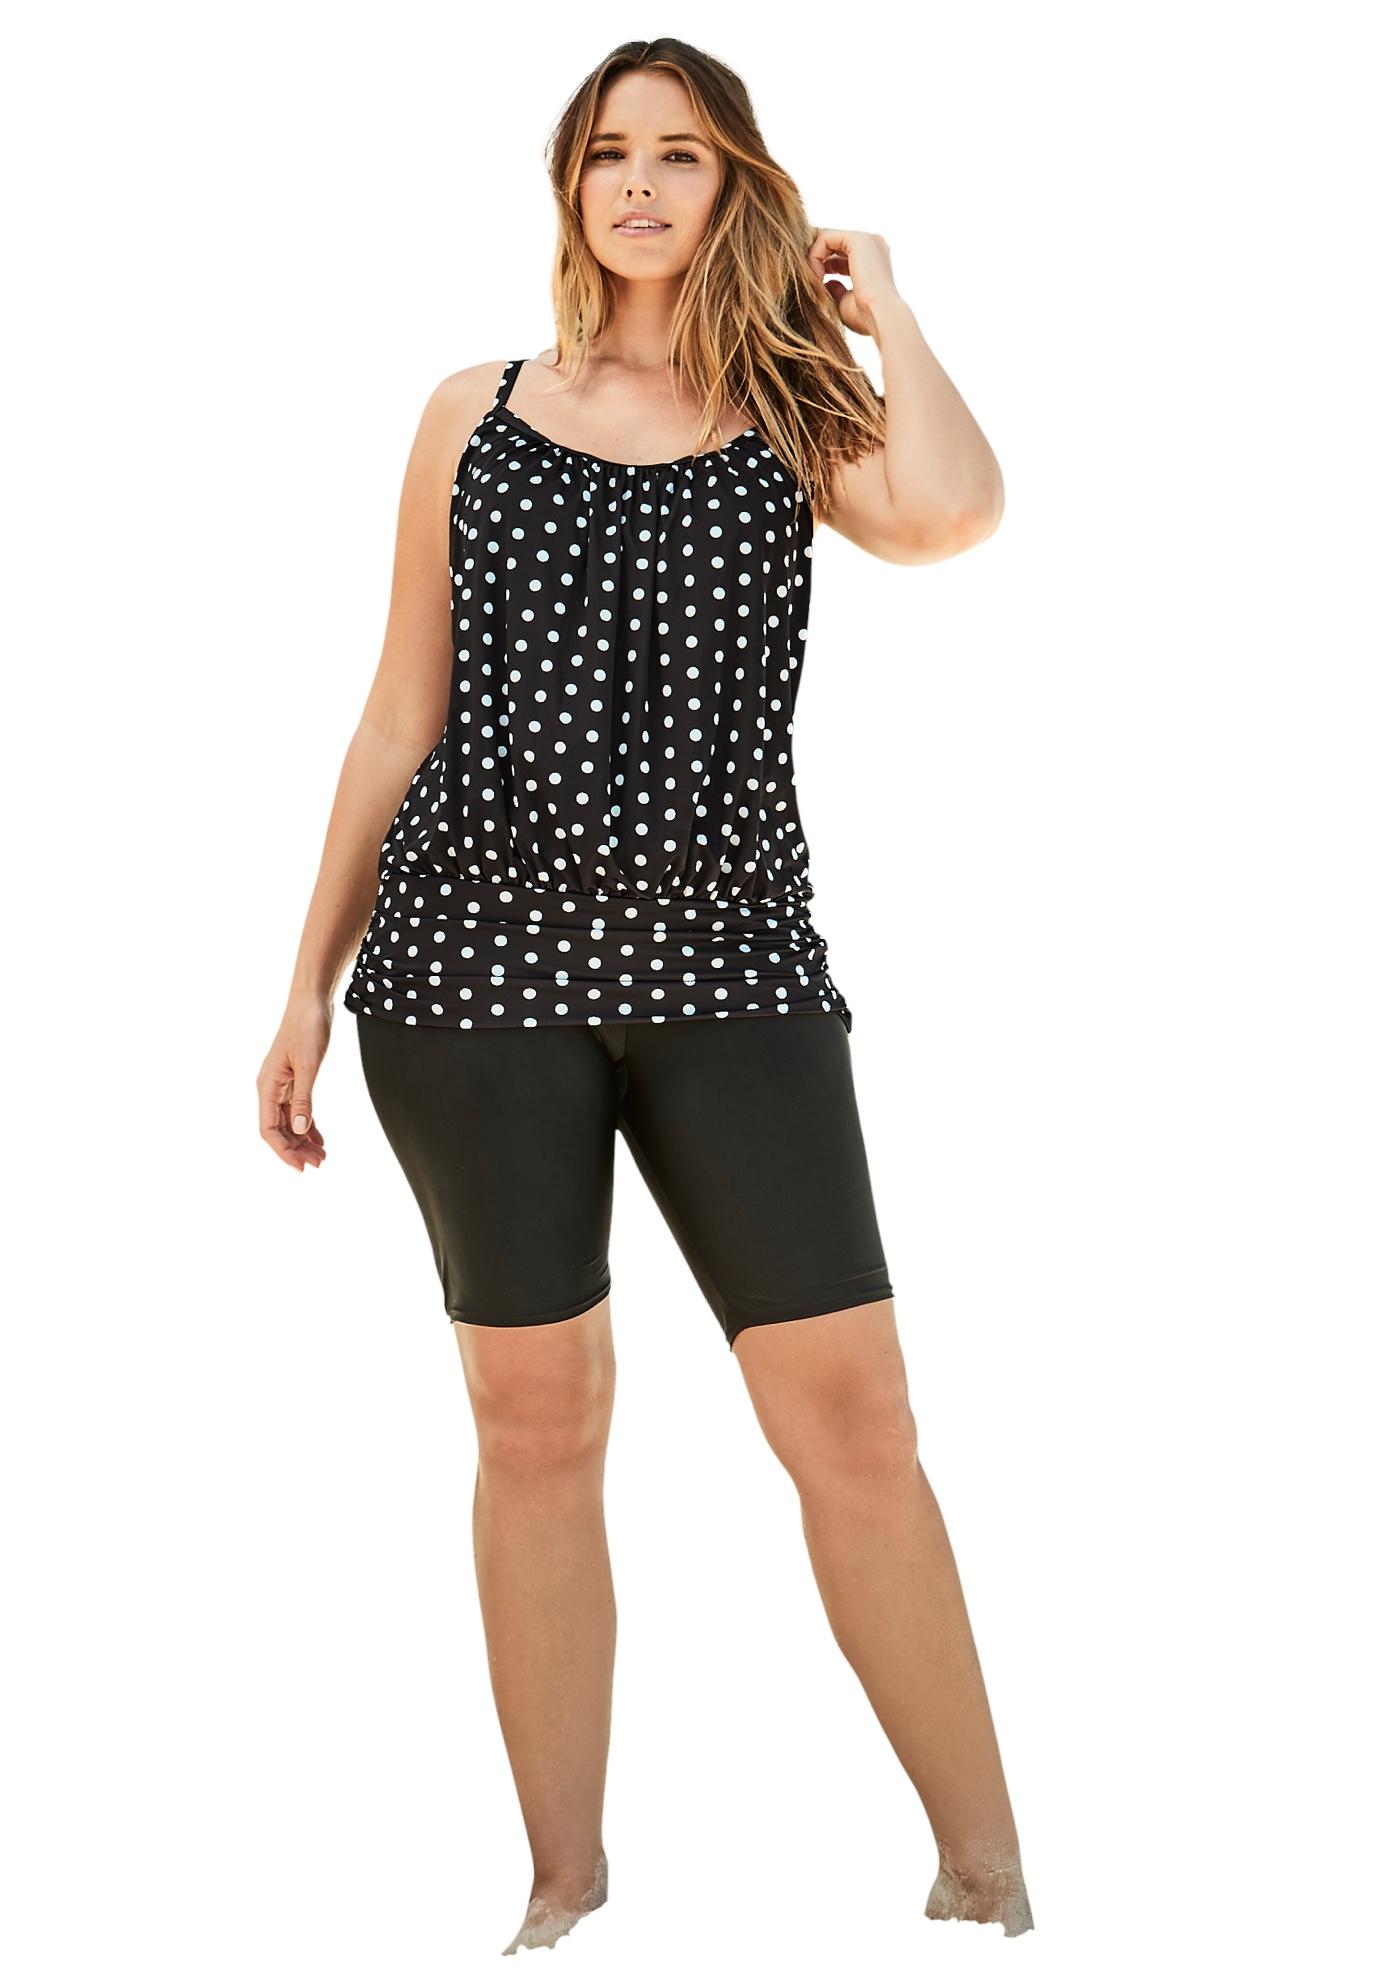 Plus Size Women's Lightweight Blouson Tankini Top by Swim 365 in Black Dots